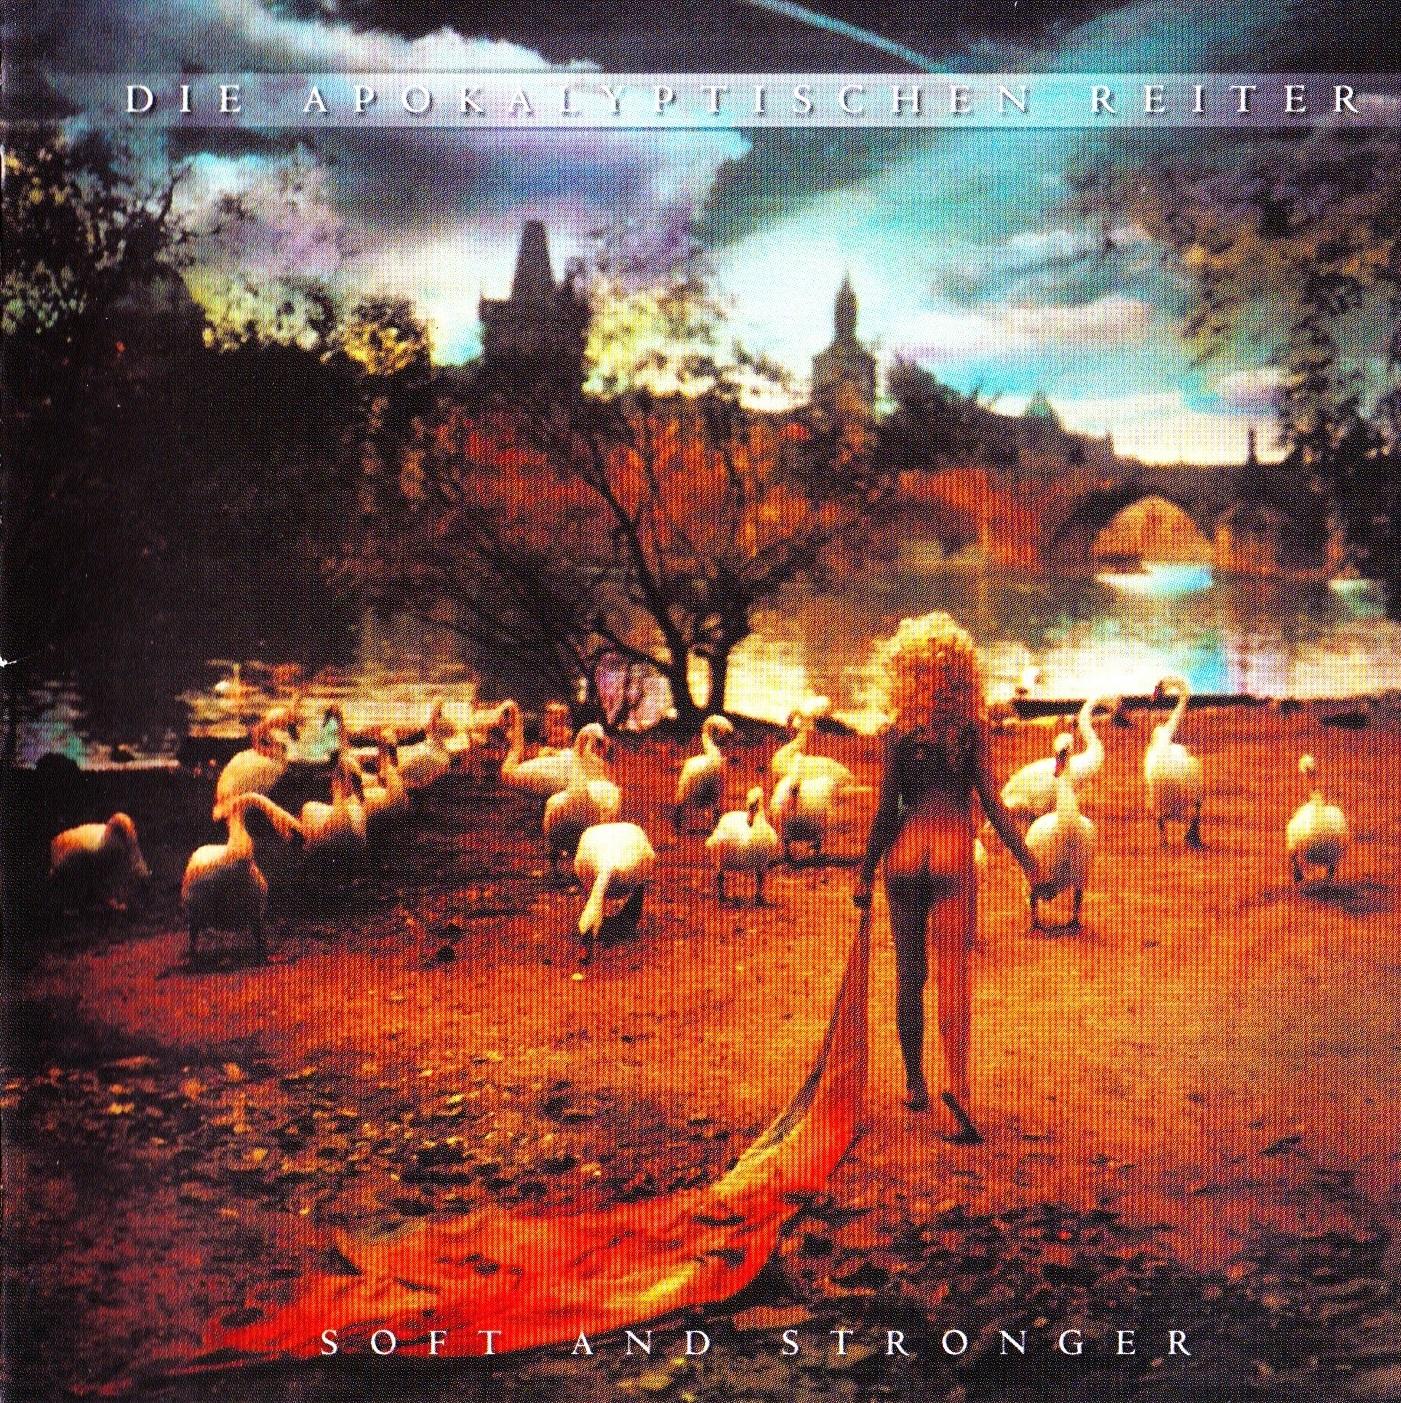 Die Apokalyptischen Reiter — Soft & Stronger (1997)